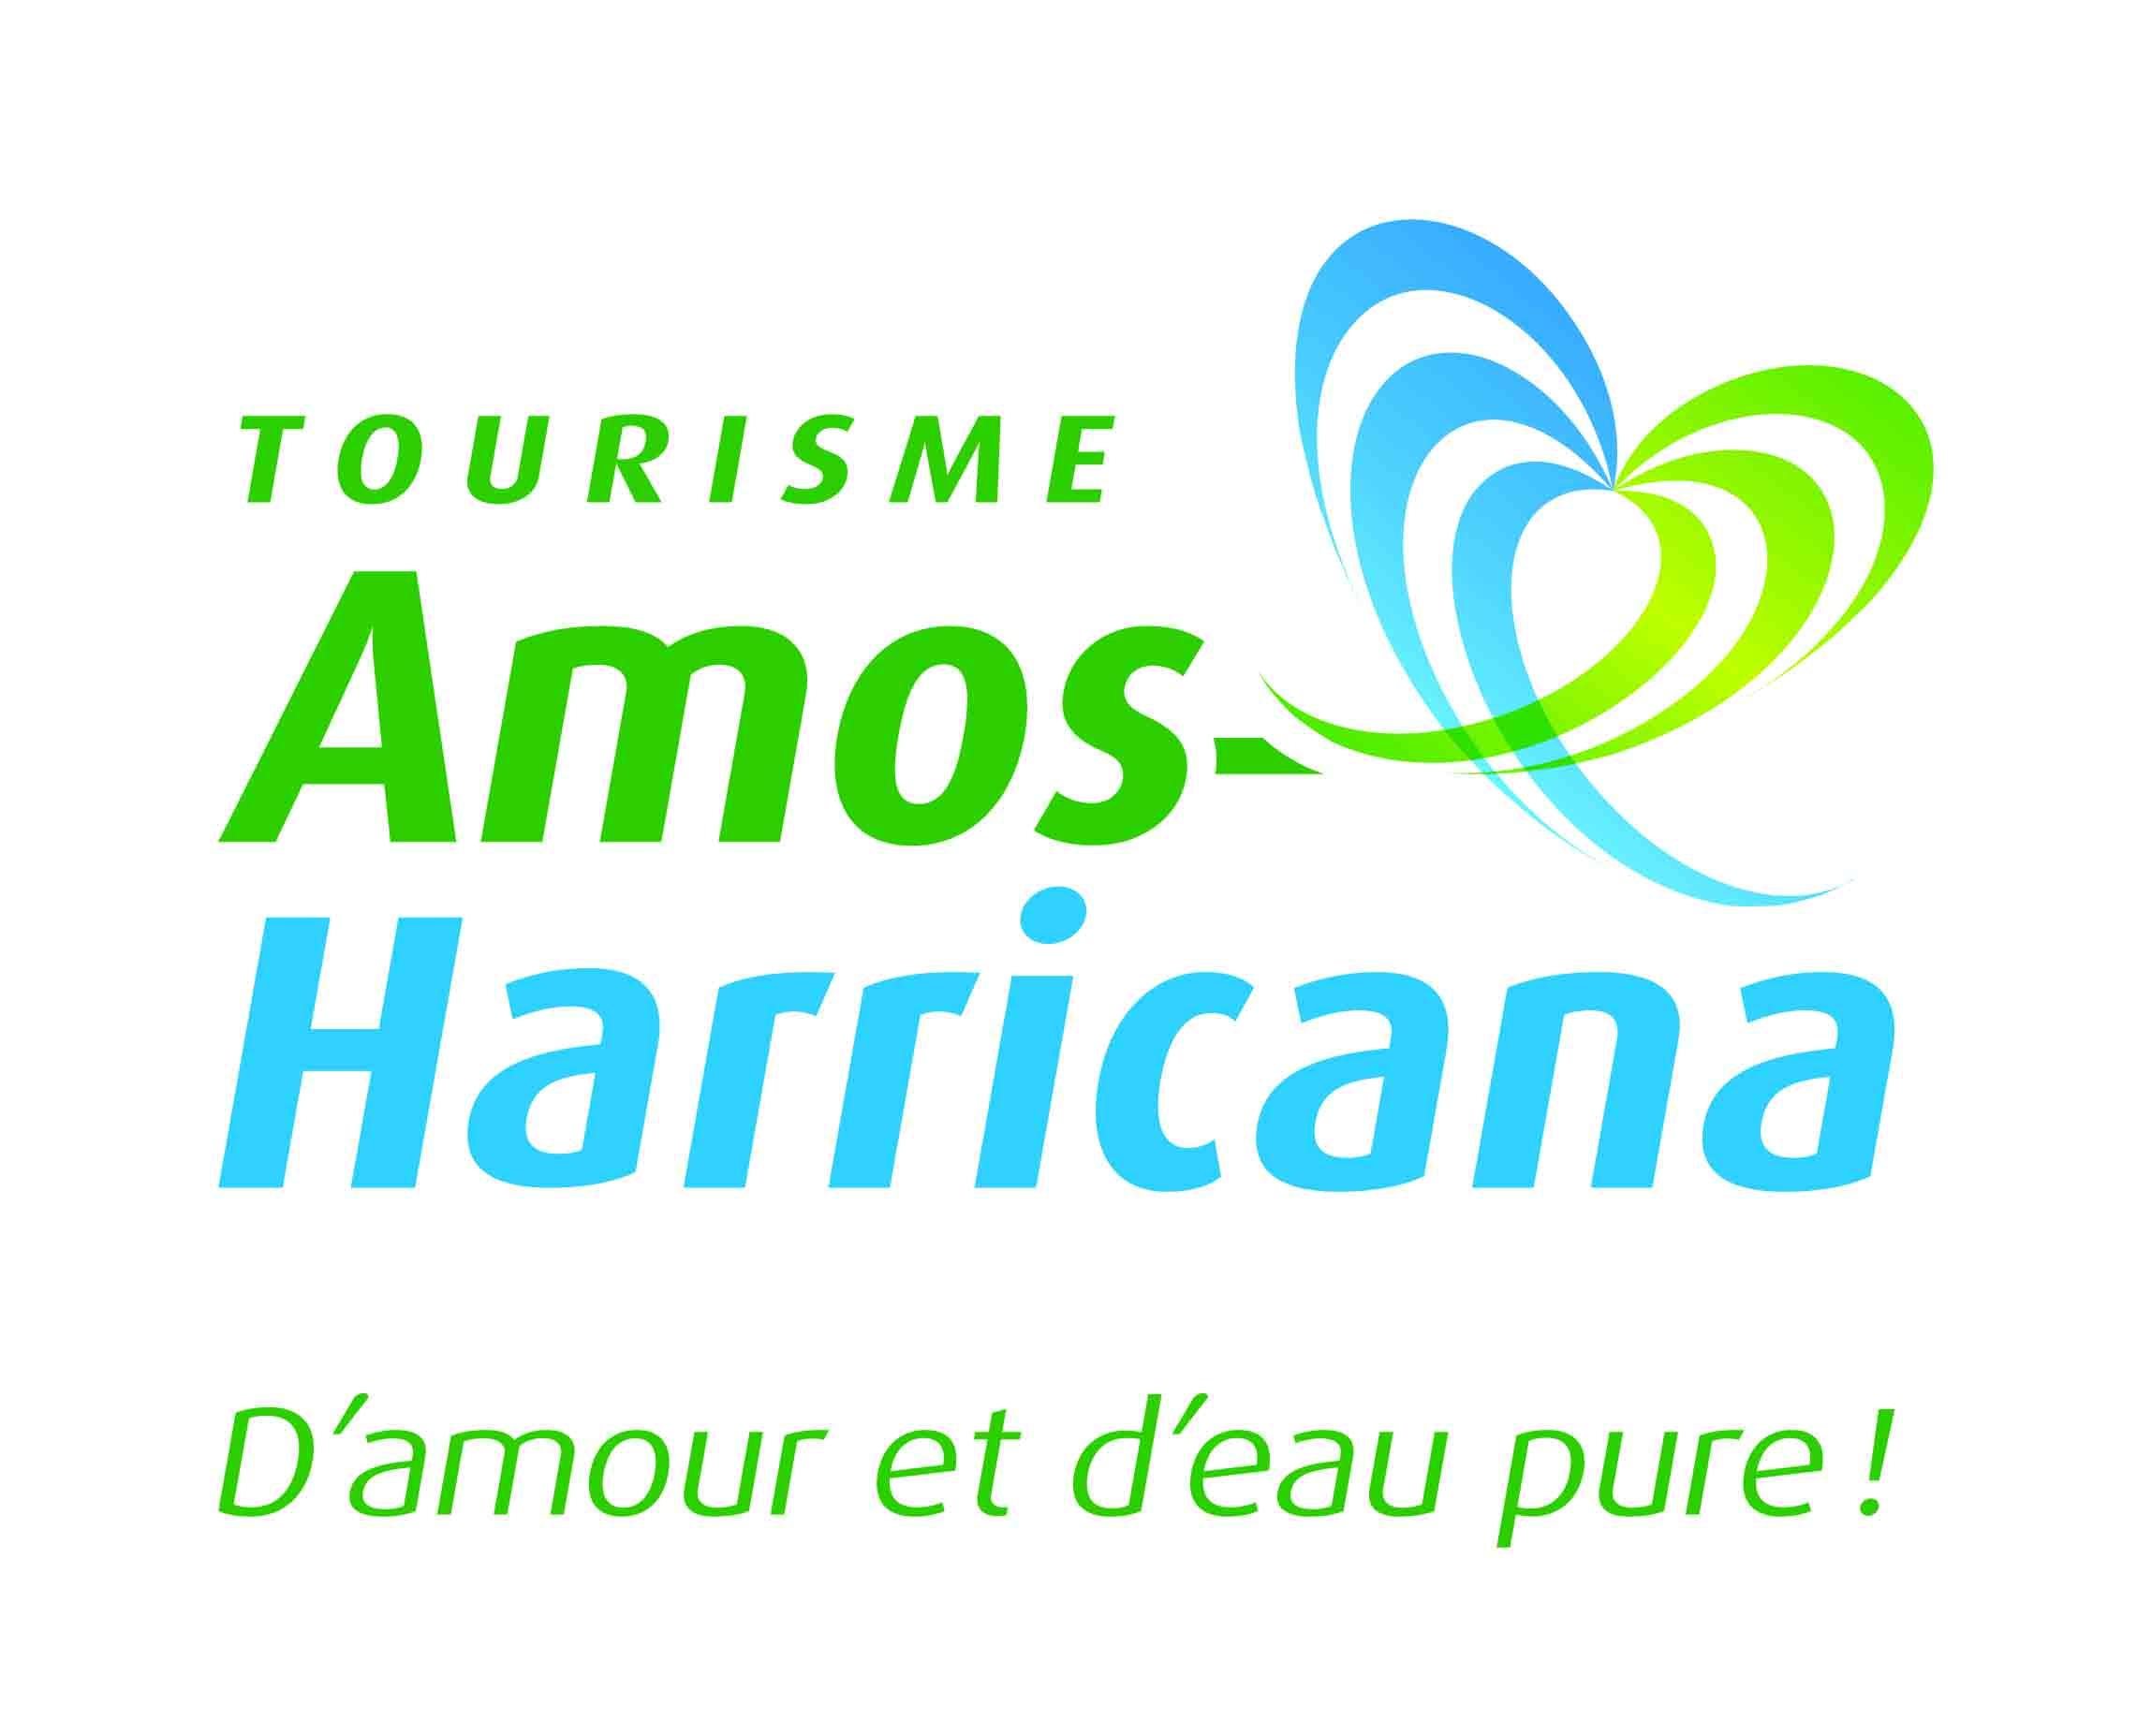 Résultats de recherche d'images pour «tourisme harricana logo»